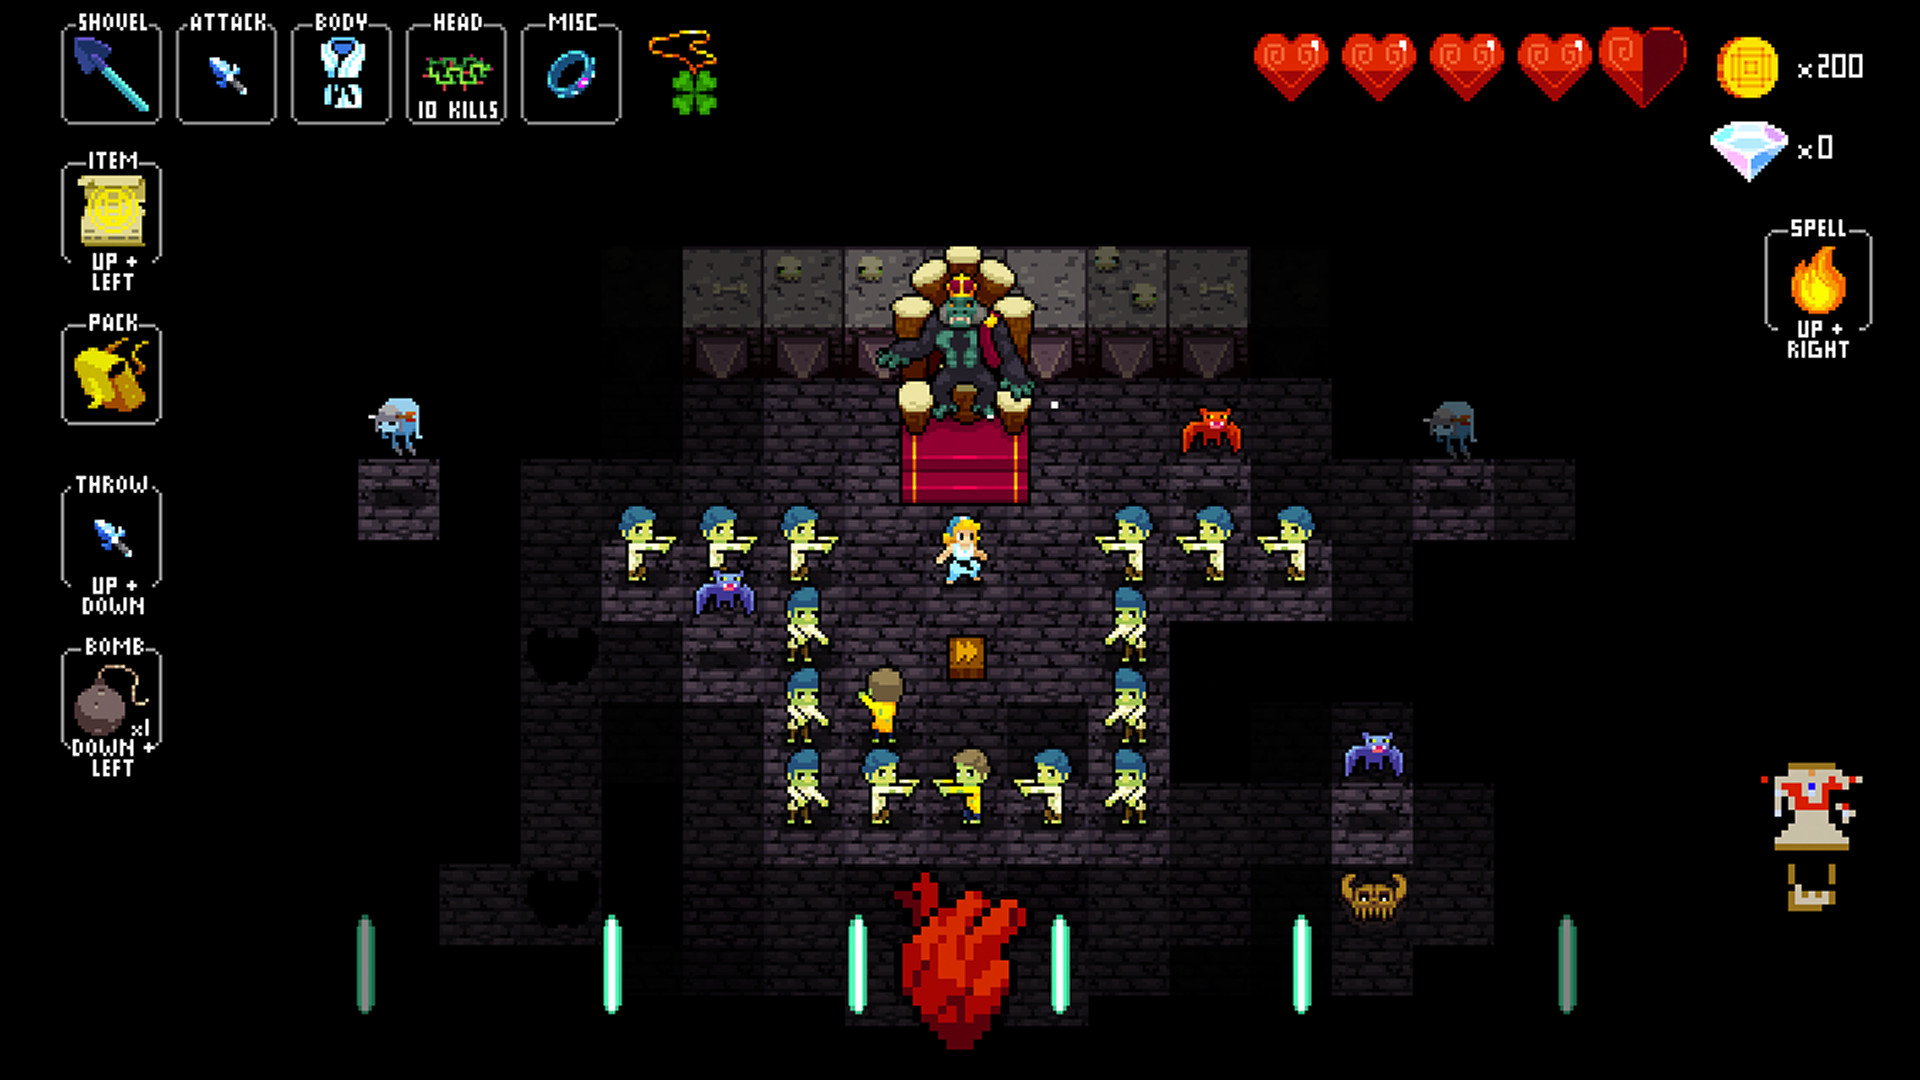 Crypt of the NecroDancer screenshot